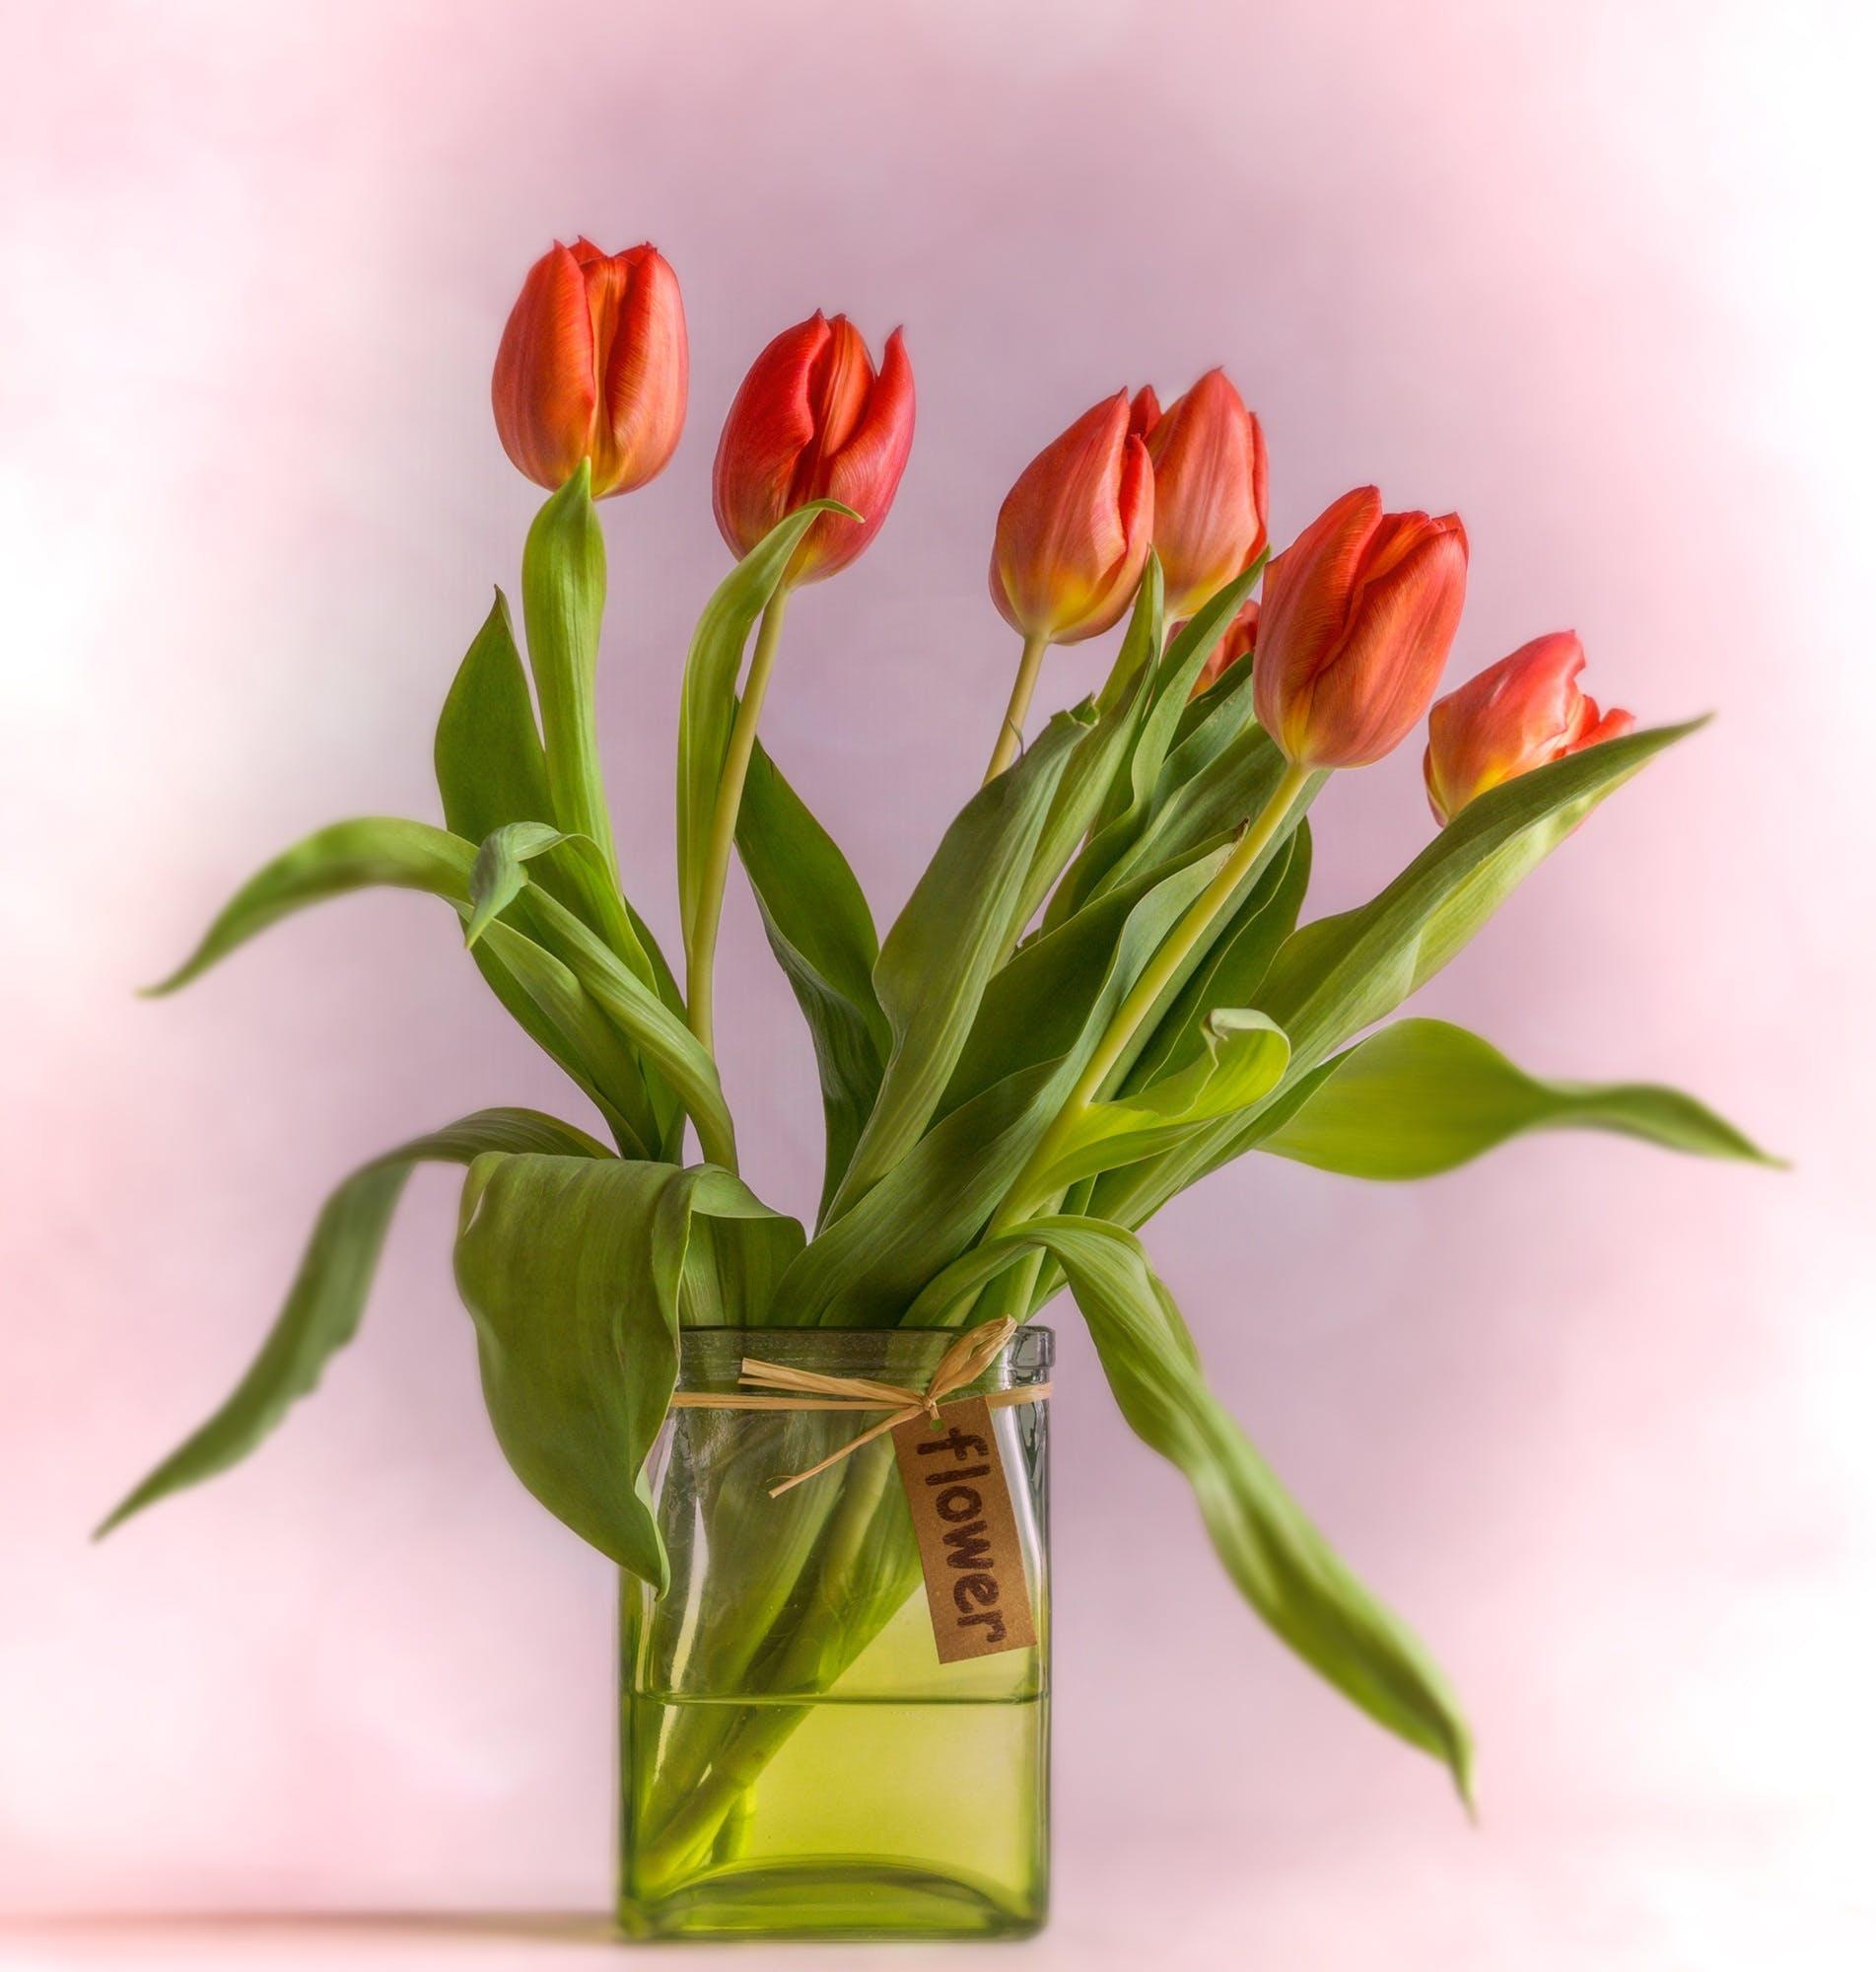 arrangement, bloom, blossomed